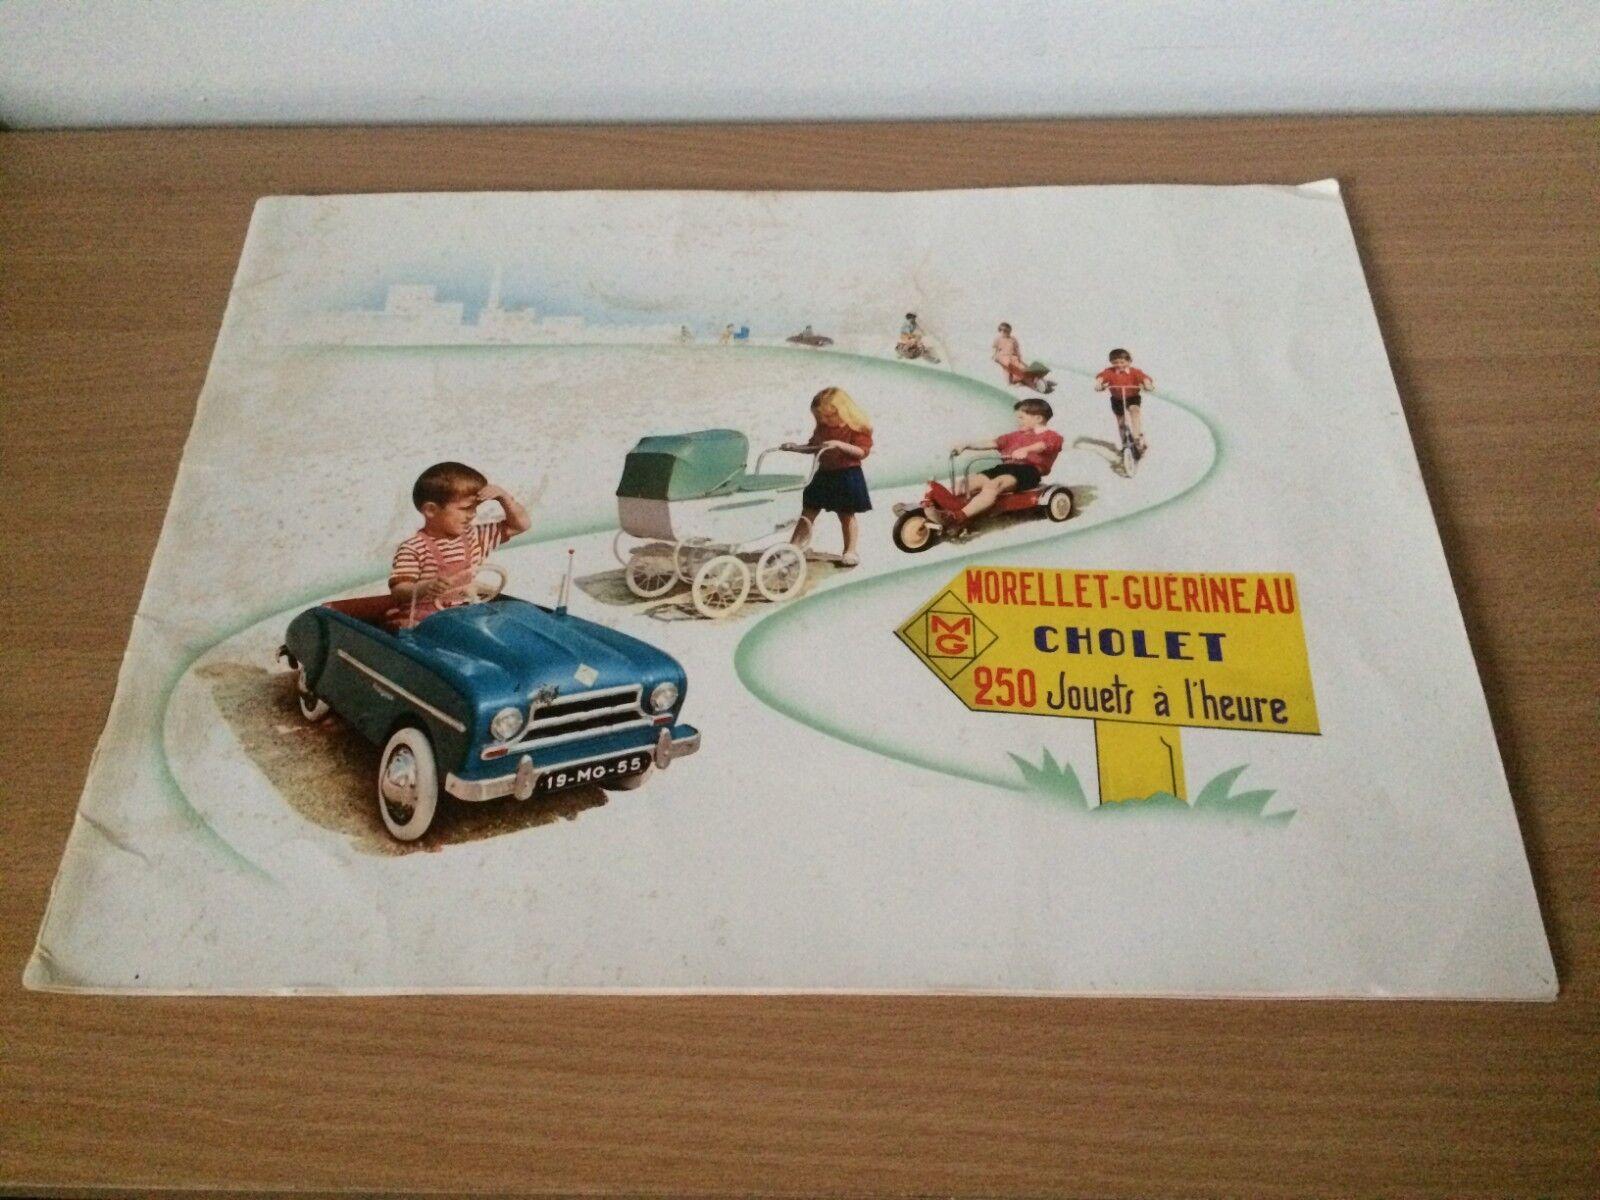 MORELLET GUERINEAU Voitures à Pédale / Jouets d' s s s //CATALOGUE Année 1954\\ f607cc